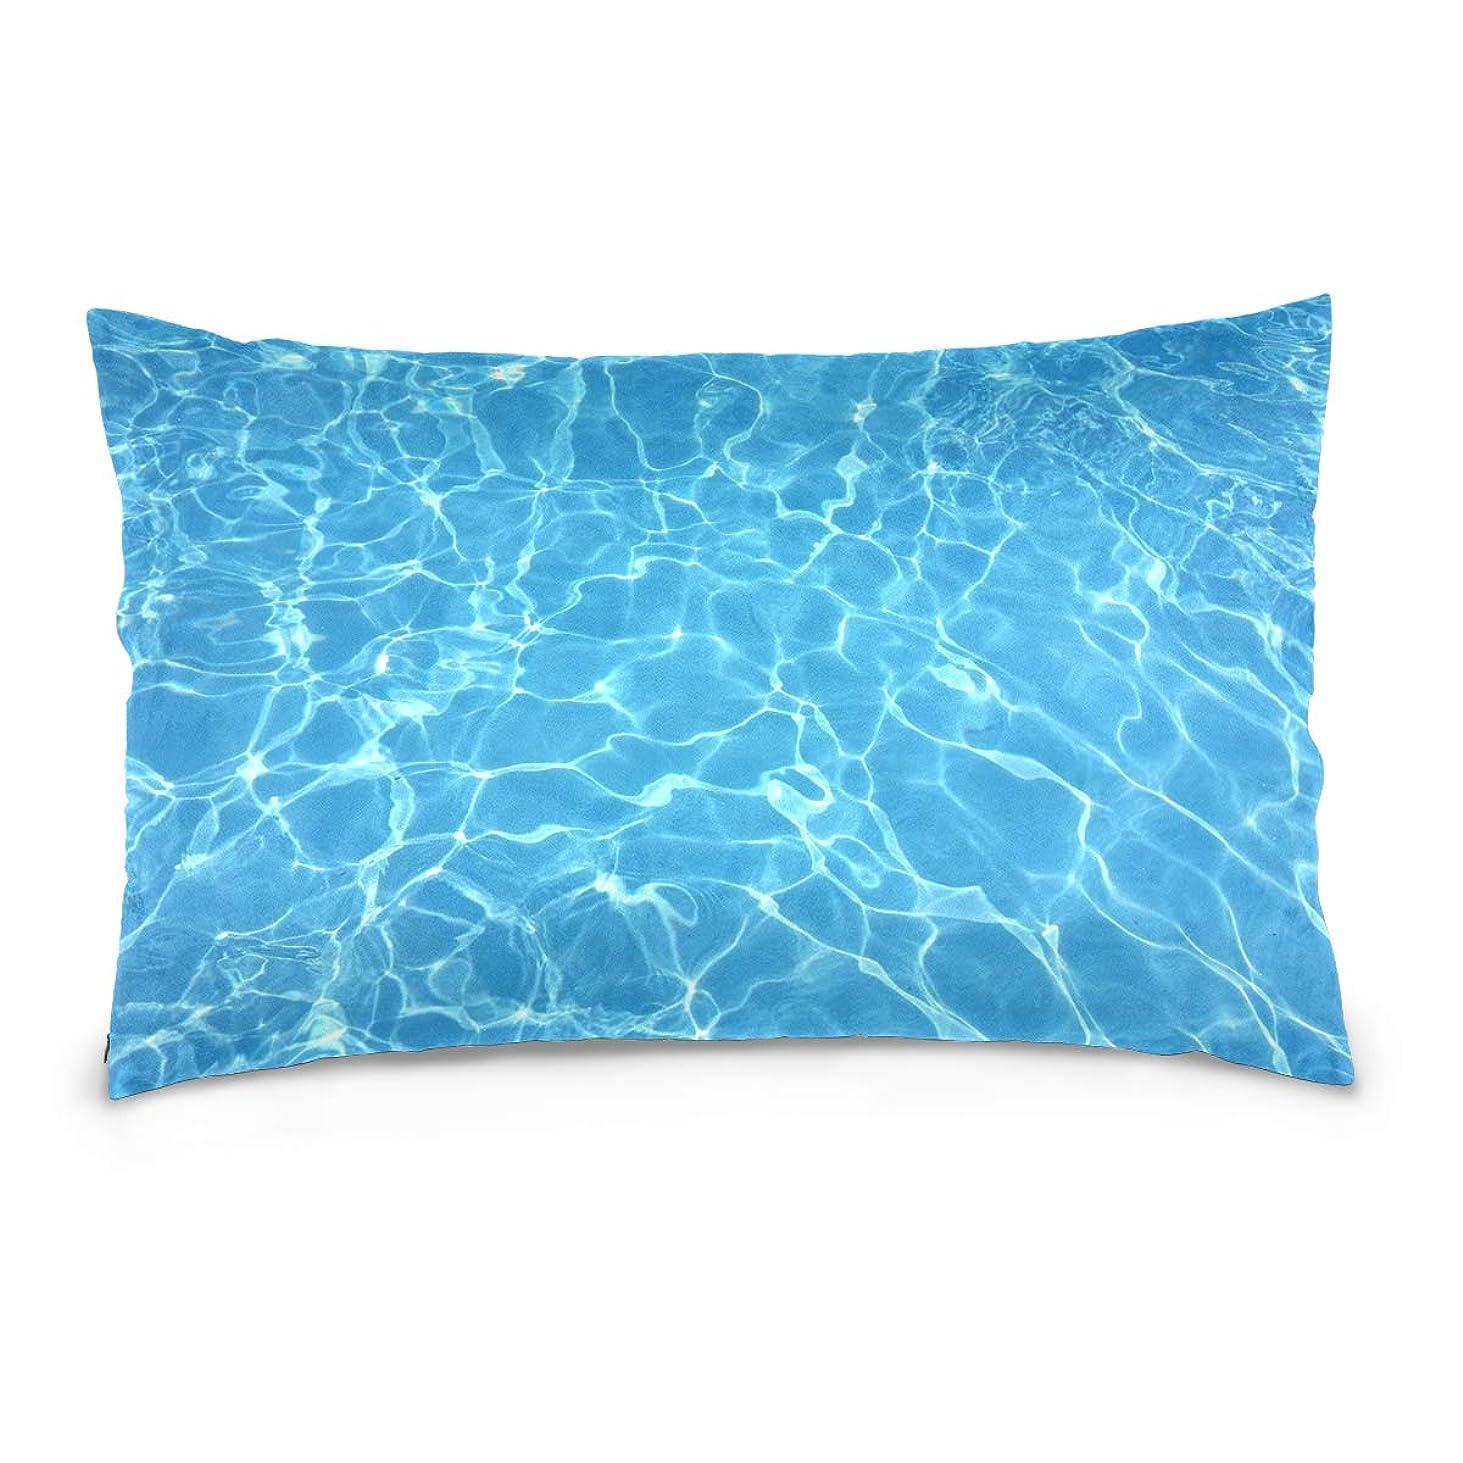 ピストン発火するガムTskyoo 抱き枕カバー 水 海 青い クッションカバー 可愛い おしゃれ 綿100% ソファー ベッド 車 インテリア 部屋飾り 北欧デザイン 角型 プレゼント 50×66cm